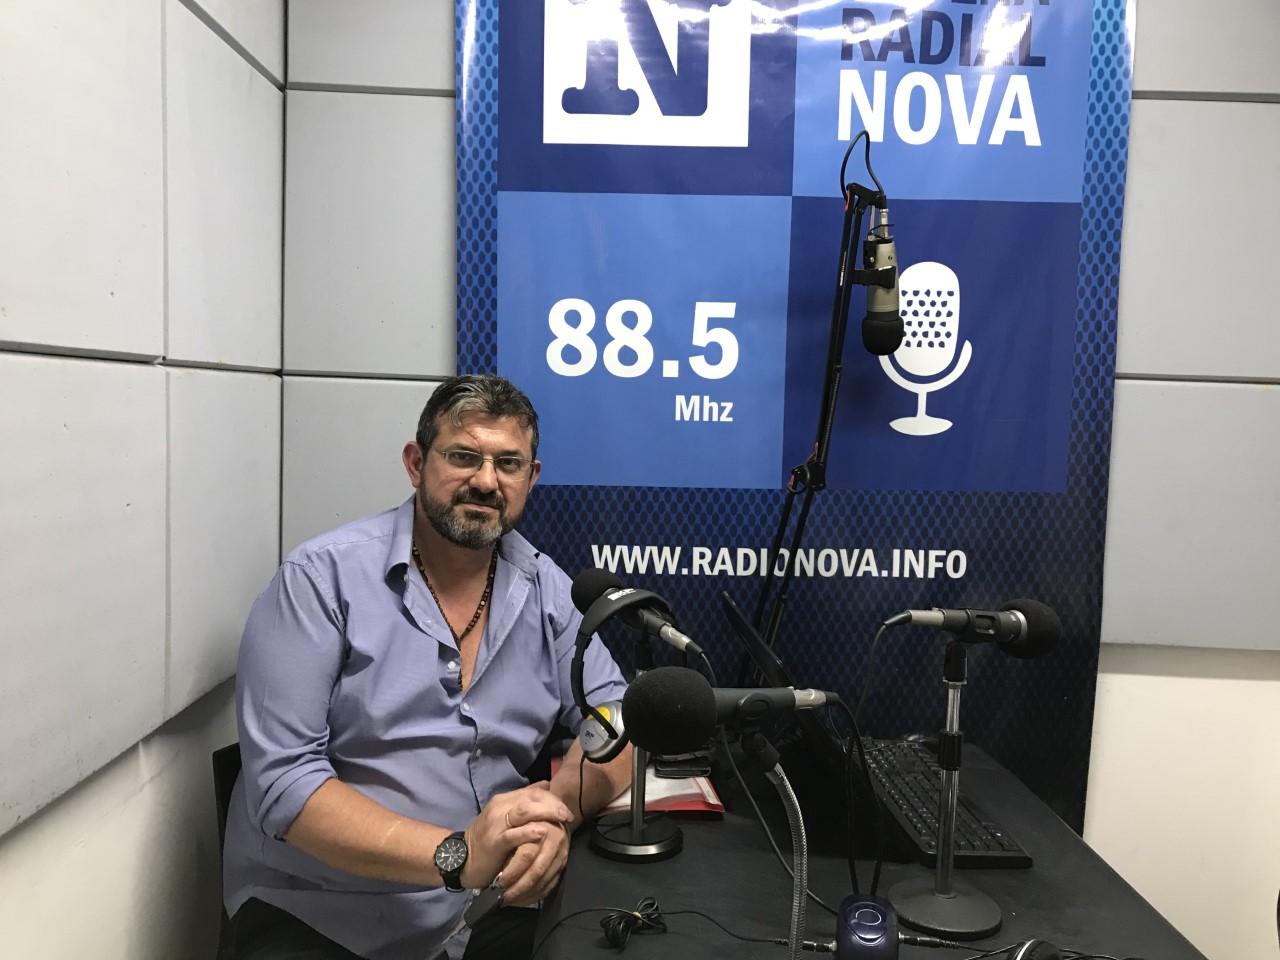 En diálogo con BerissoCiudad en Radio, el delegado de la Zona II, Carlos Lozano, se refirió a distintas cuestiones de la actualidad la recolección, obras, expectativas a futuro y demás aspectos que fueron desandados.